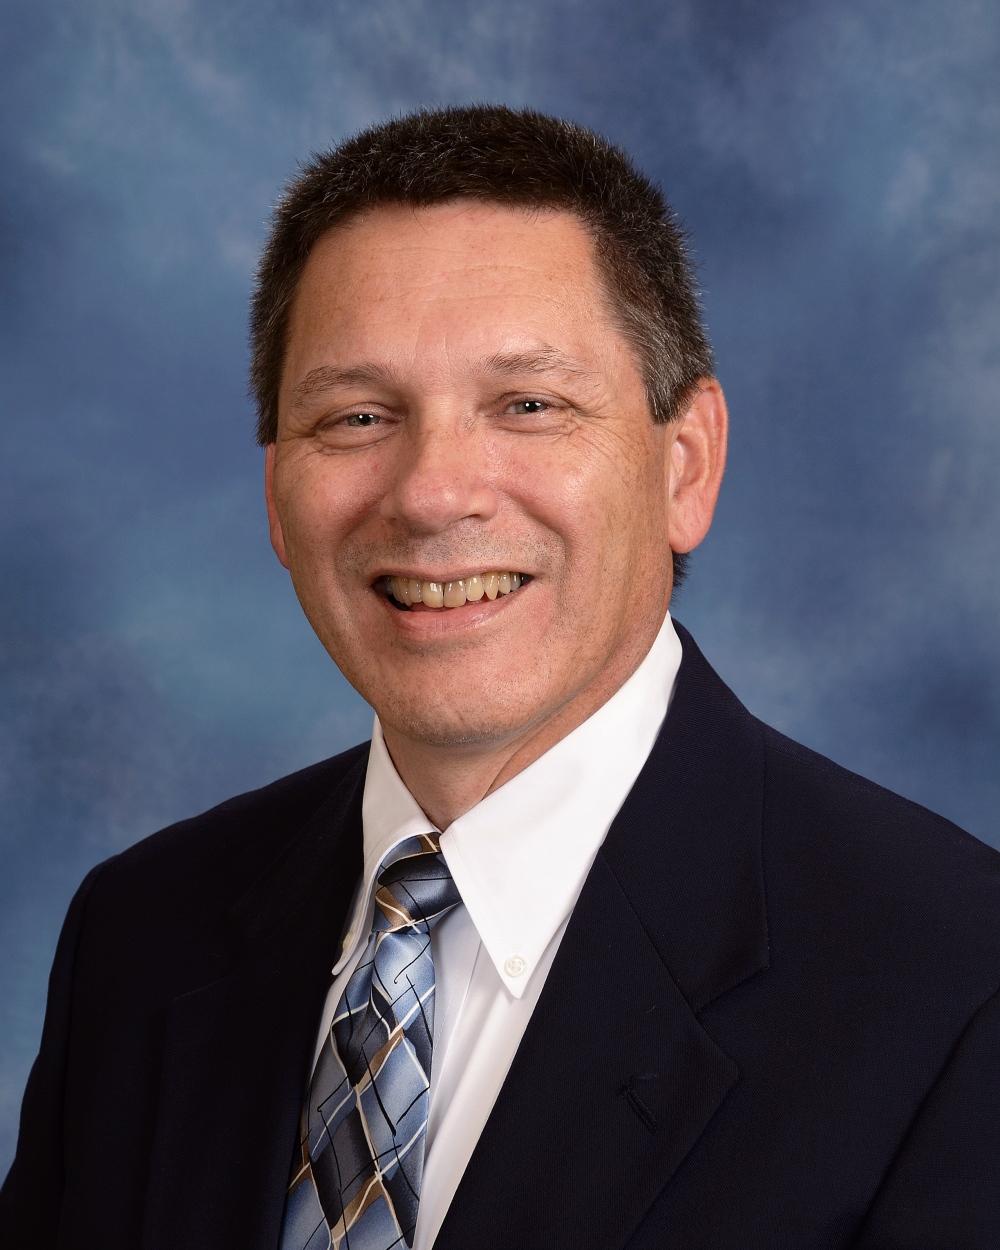 Pastor Tom Hoeke